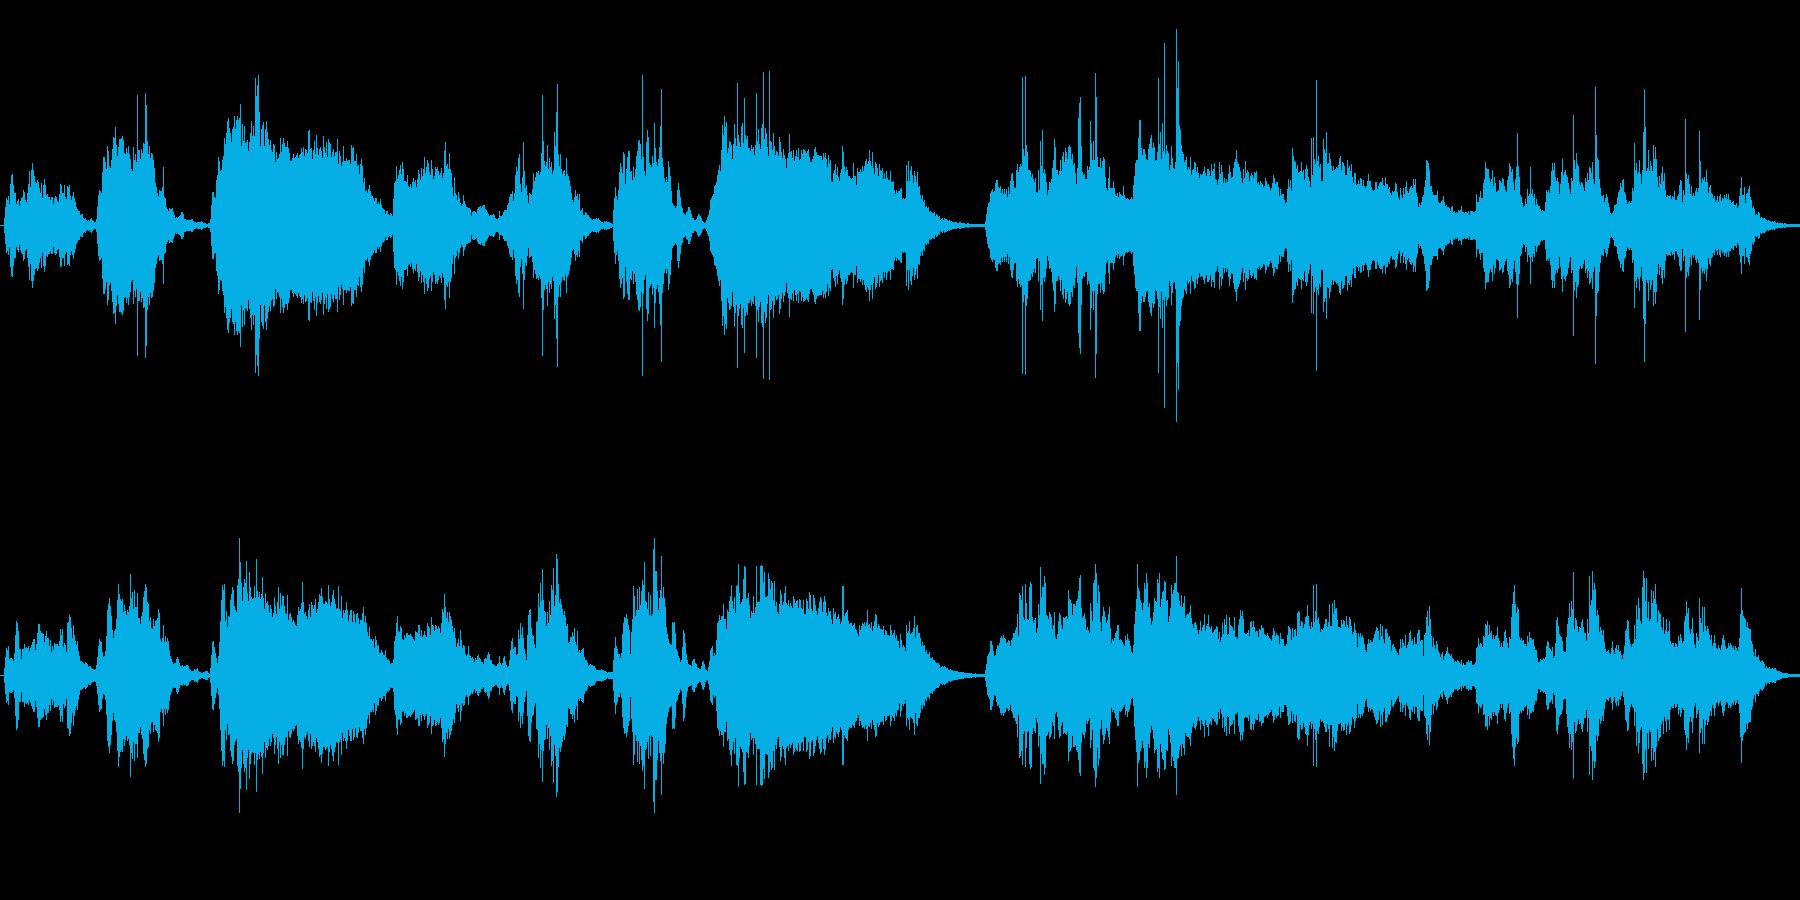 奇妙で緊張感のあるアンビエント音楽の再生済みの波形